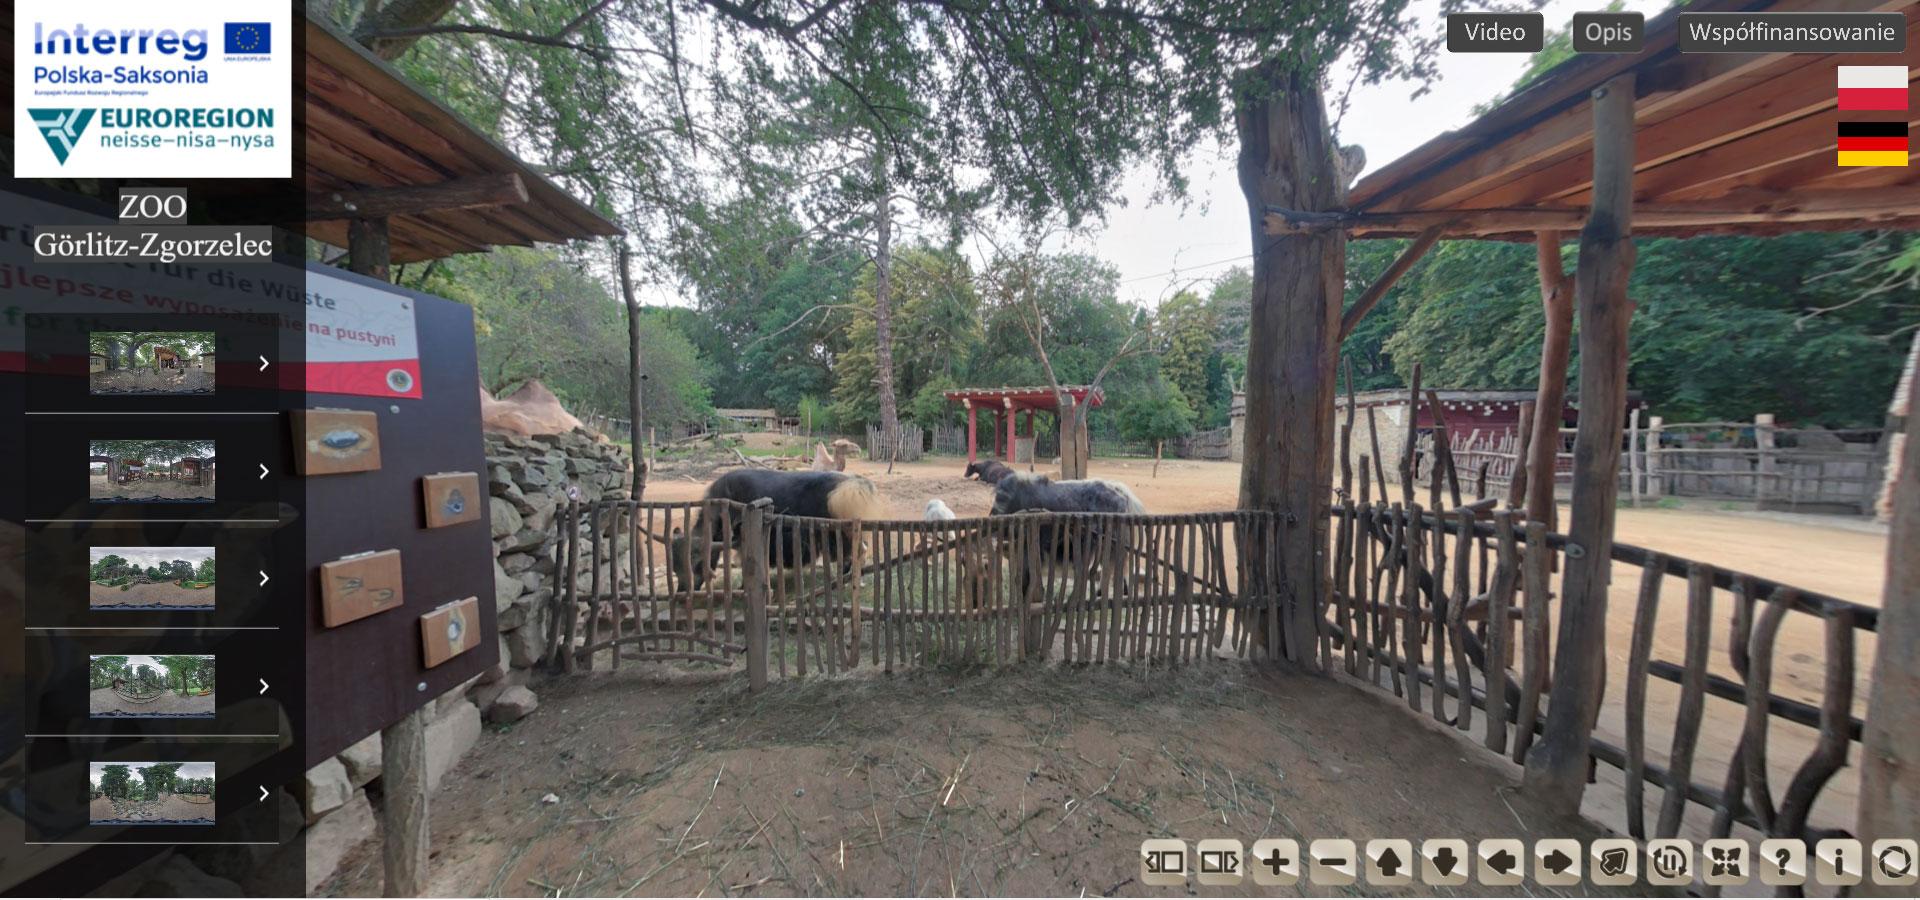 Zoo-Gorlitz-Zgorzelec